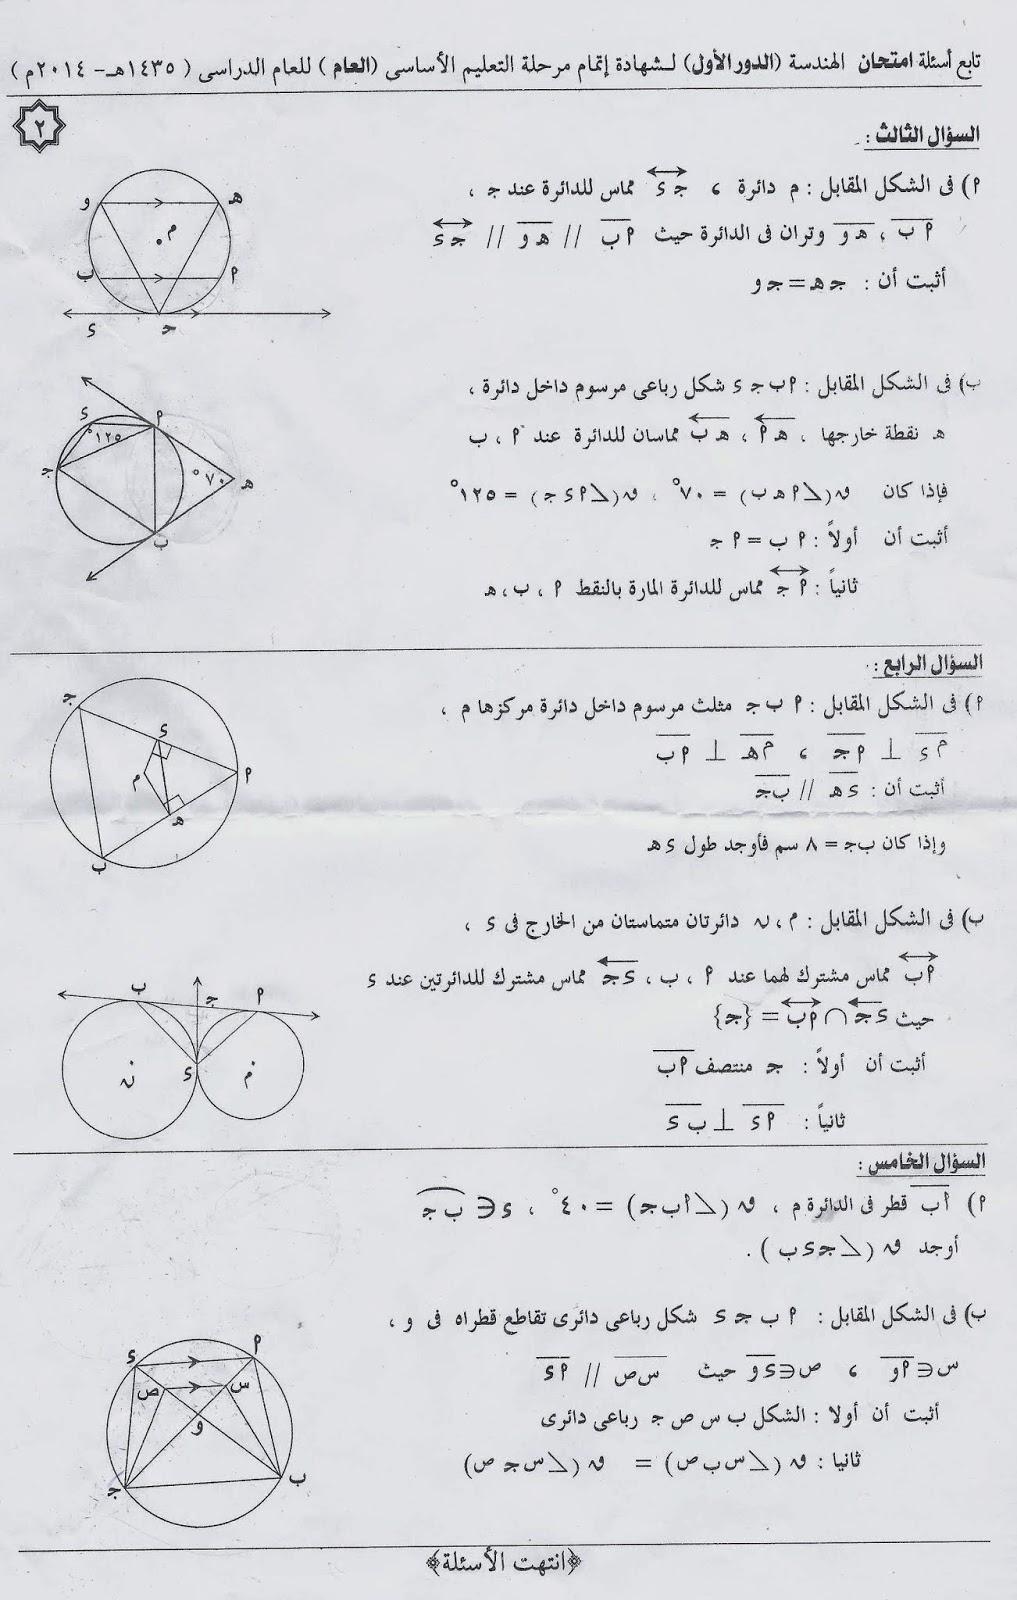 امتحان الهندسة محافظة الاسكندرية والاجابة النموذجية الشهادة الاعدادية اخر العام 2014 scan0001.jpg